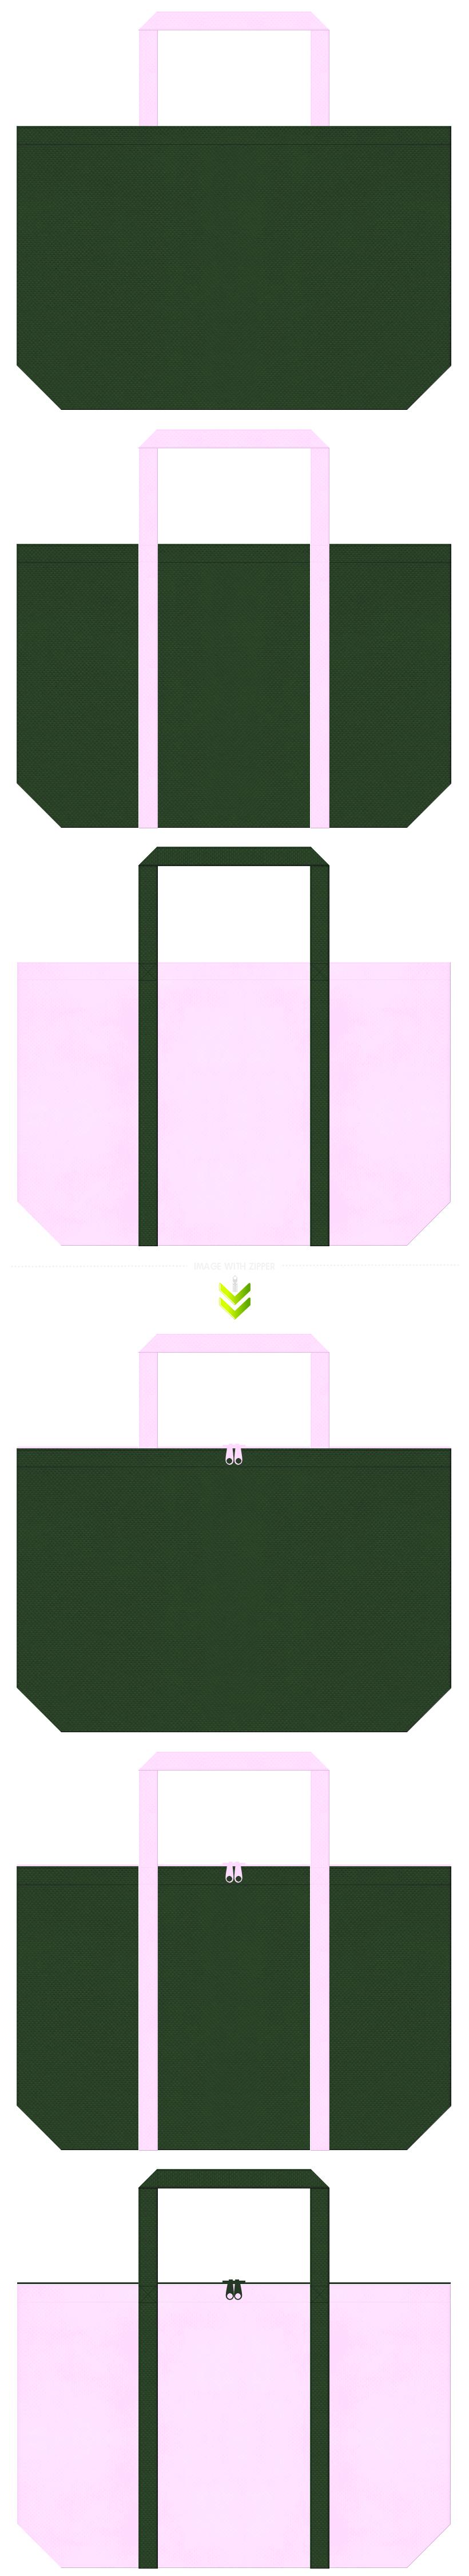 メモリー・写真館・ゲーム・学校・教室・黒板・青春・卒業式・花見・観光名所・夜桜・和柄のエコバッグにお奨めの不織布バッグデザイン:濃緑色・深緑色と明るいピンク色のコーデ